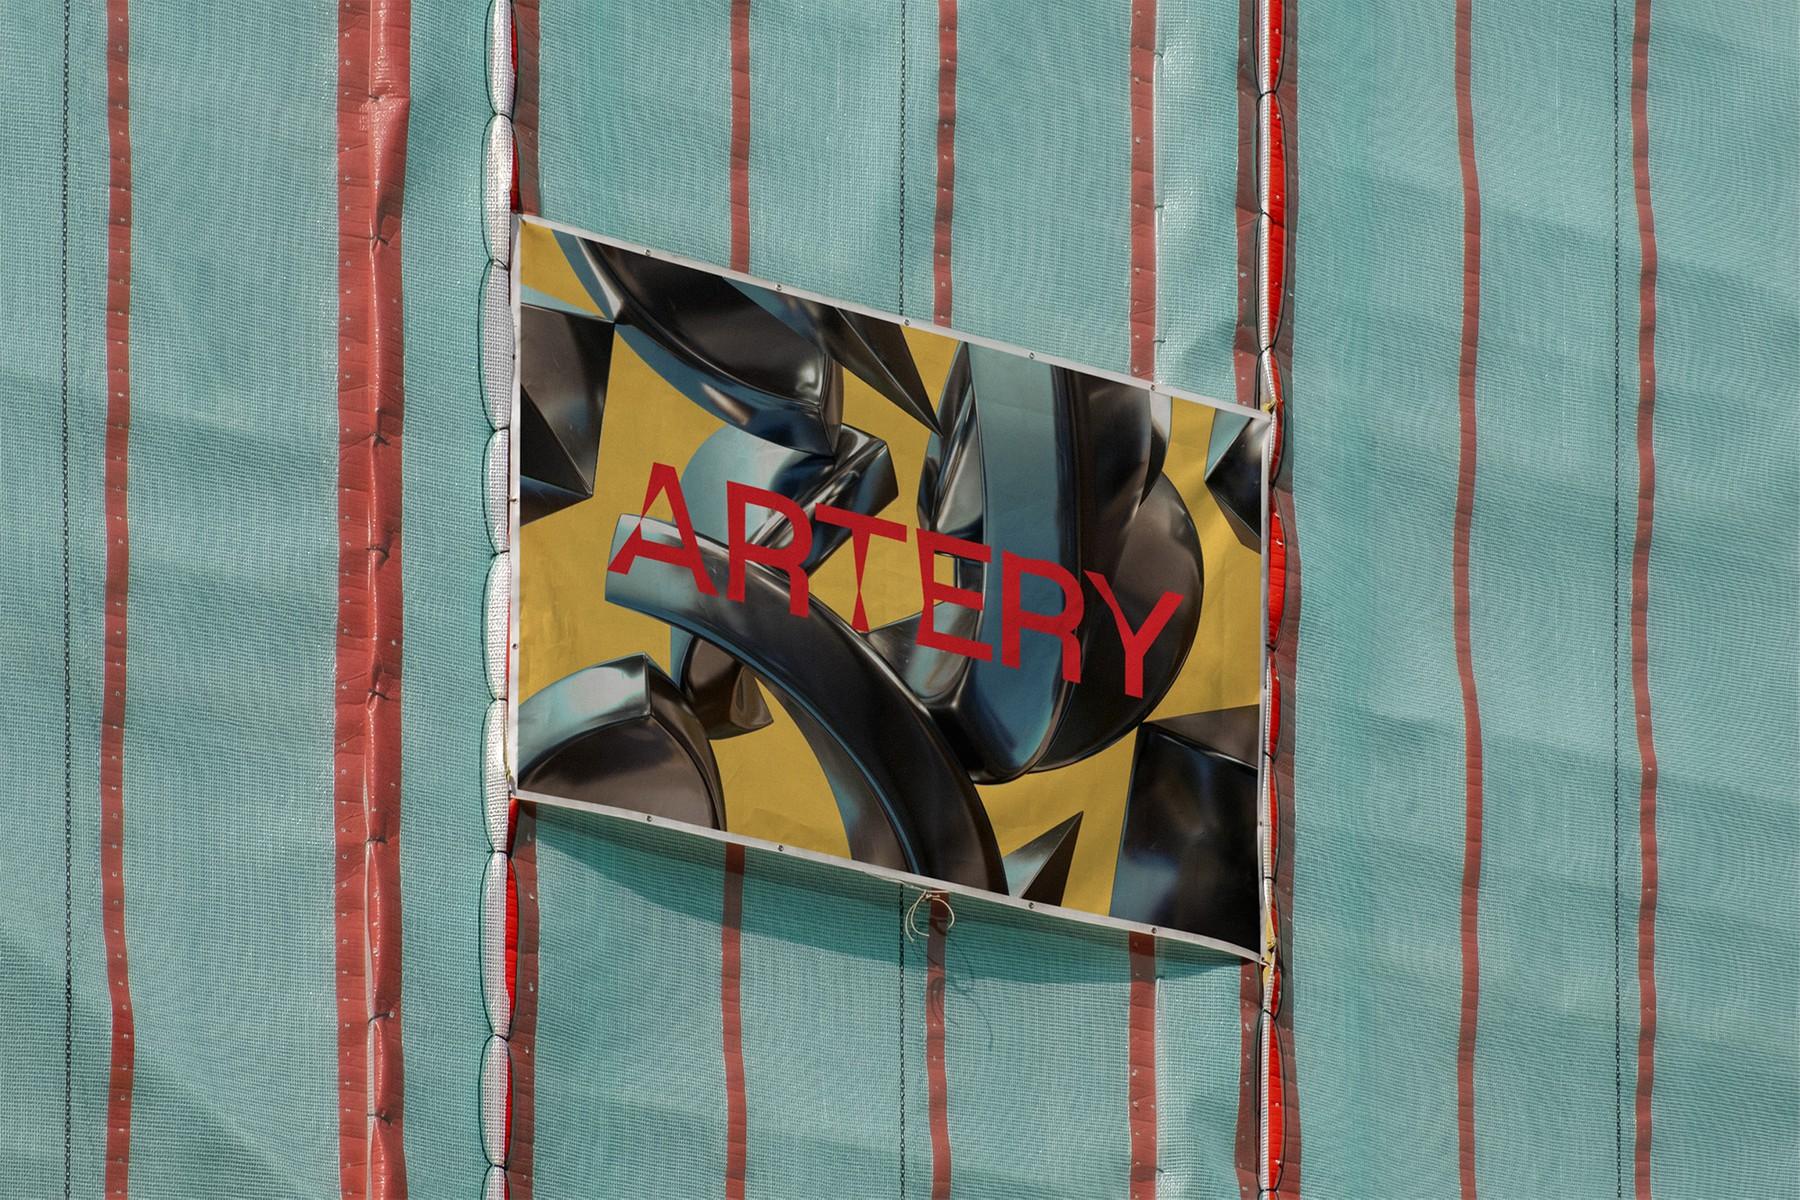 artery-ddb-3.jpg